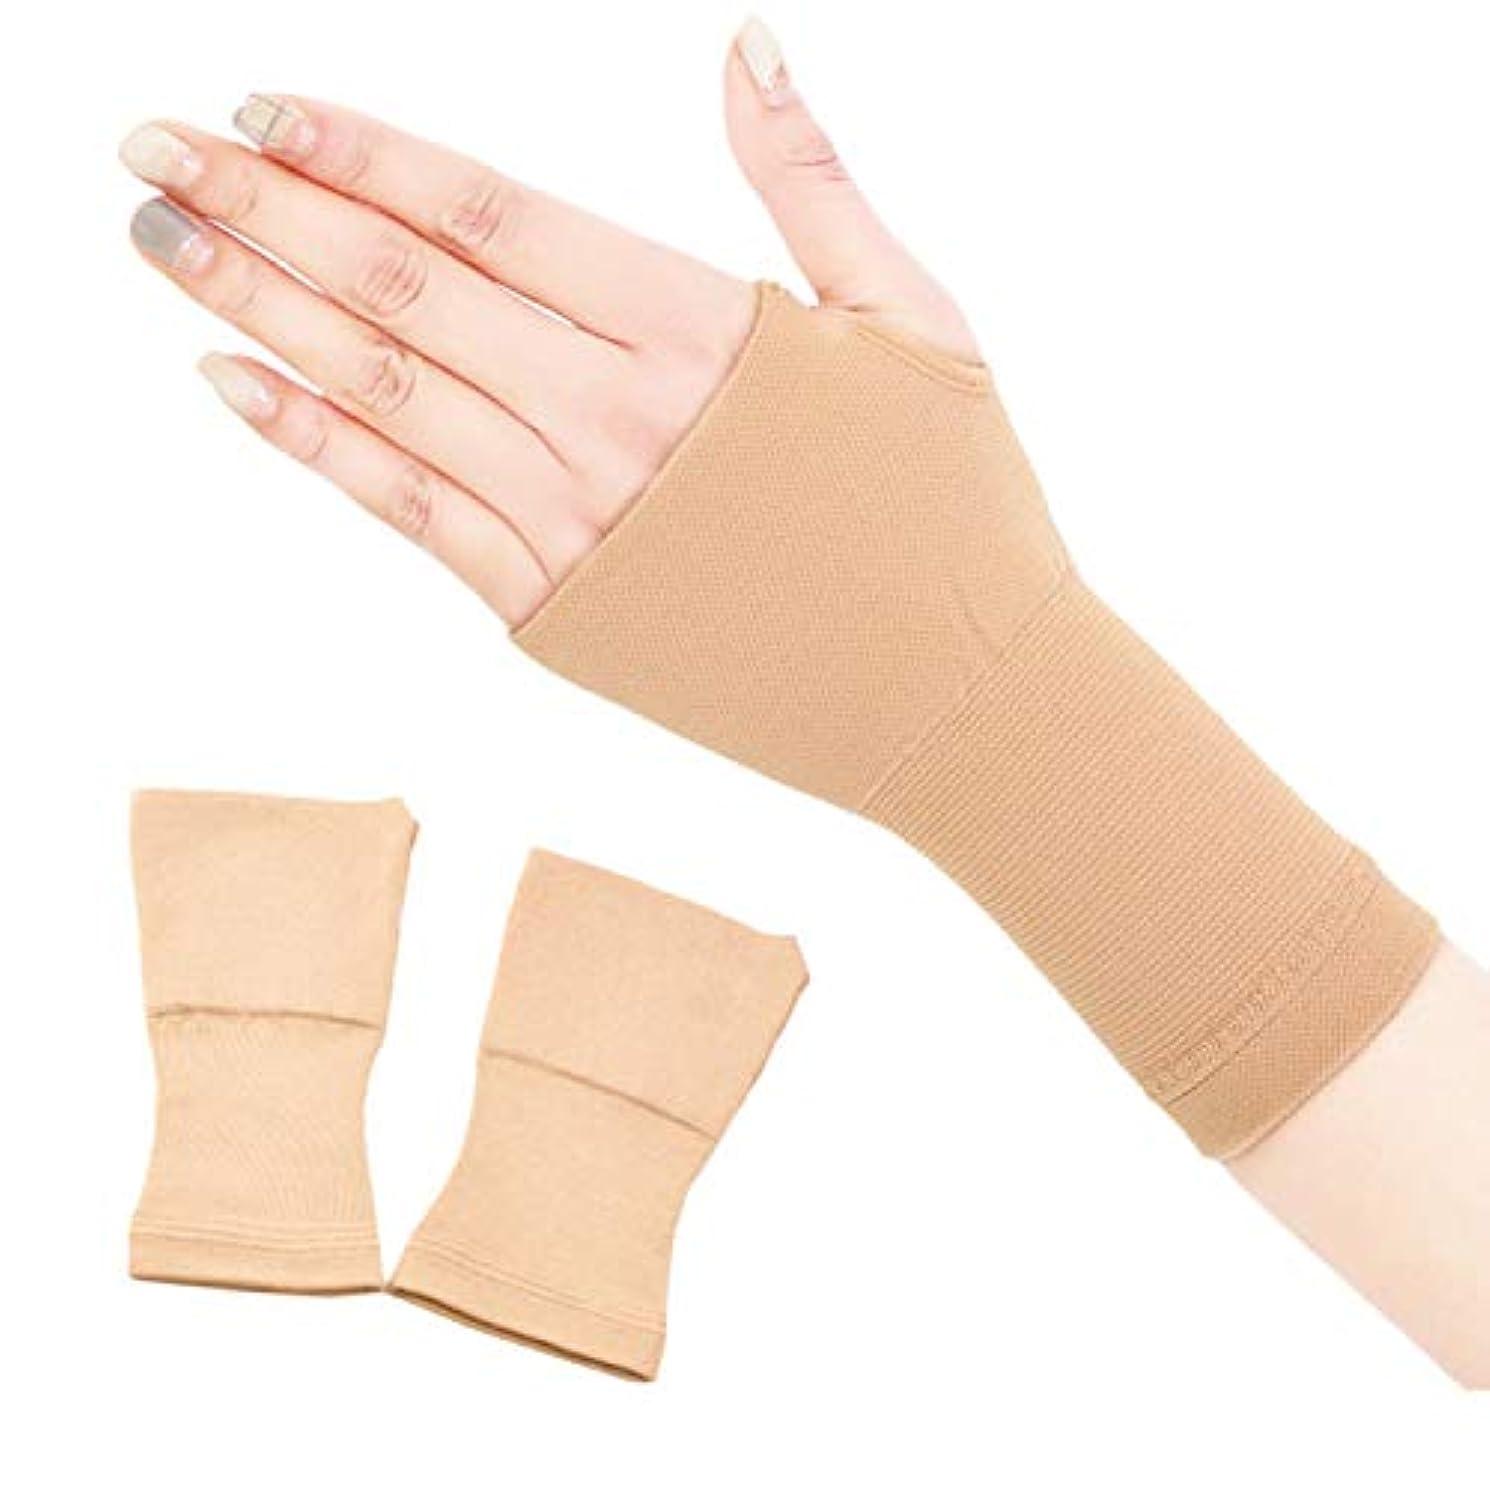 オーラル緩める霊関節痛のための2個の手首サポート手首ラップブレース手根管腱鞘炎圧縮弾性ソフト加リストバンドグレート,L